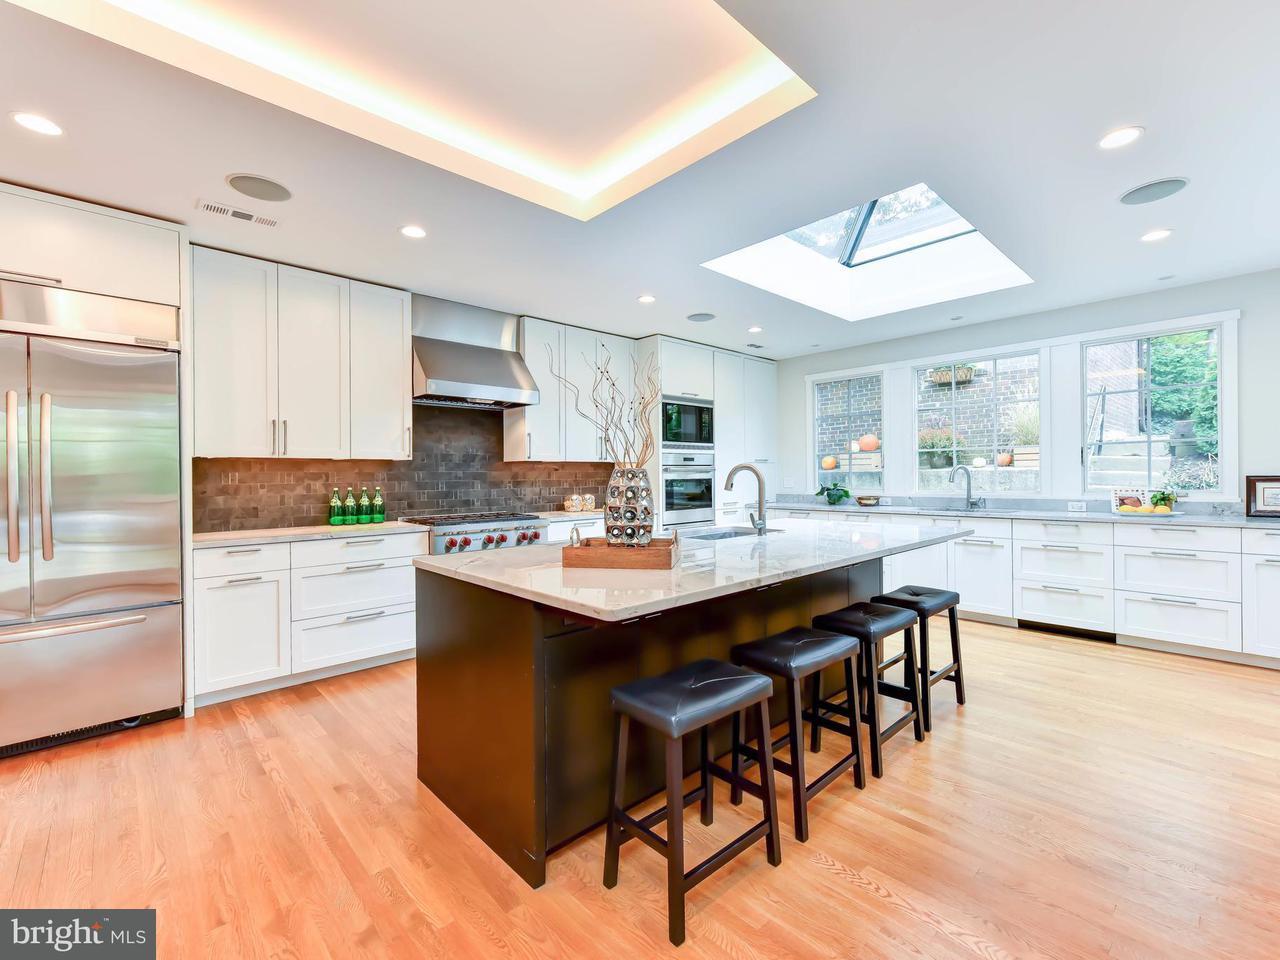 独户住宅 为 销售 在 3314 PORTER ST NW 3314 PORTER ST NW 华盛顿市, 哥伦比亚特区 20008 美国